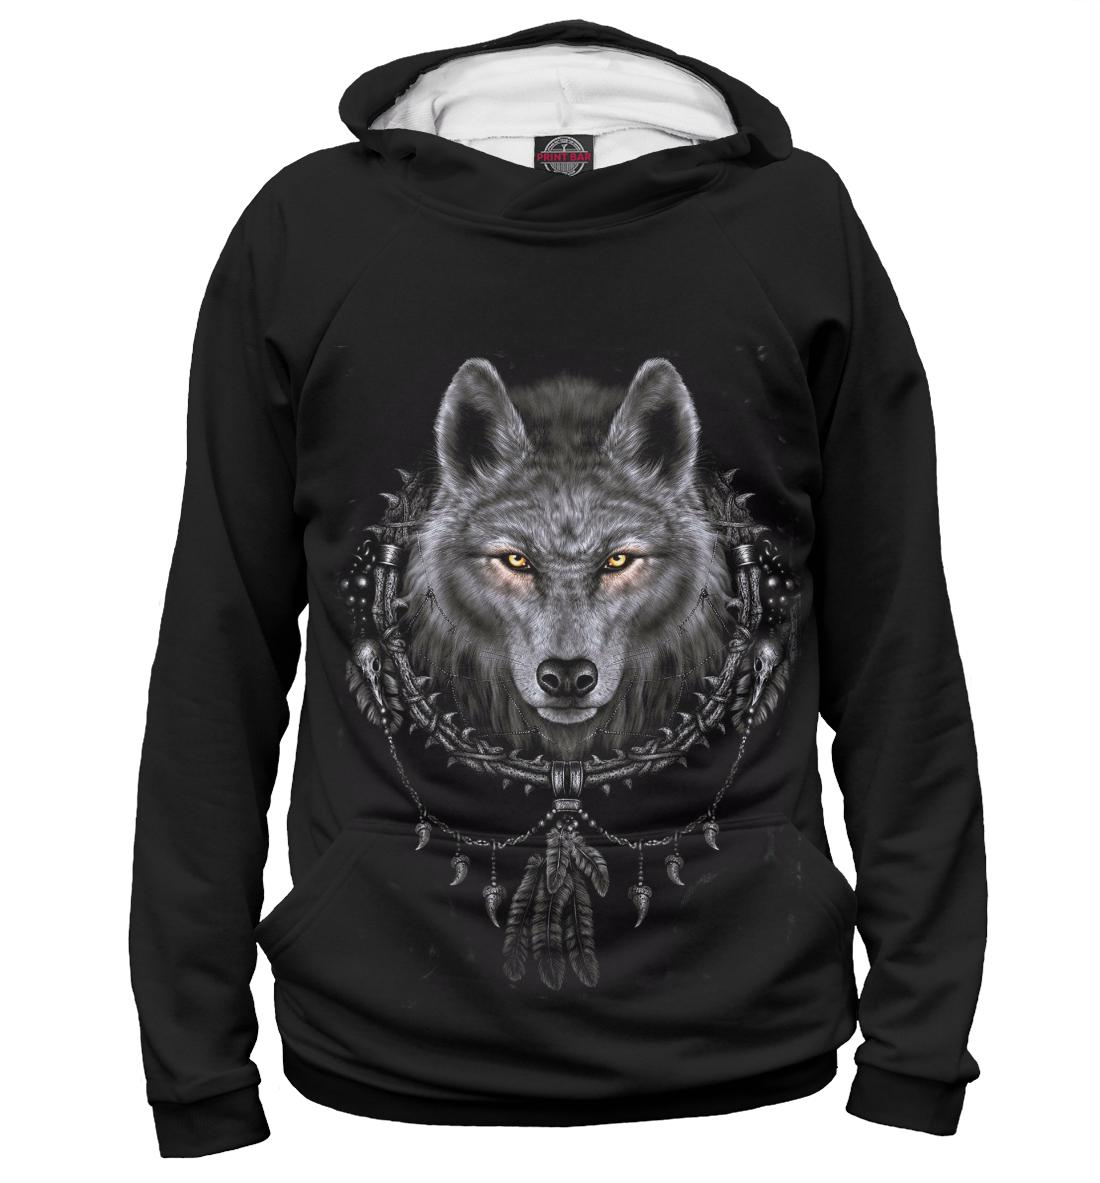 Волк, Printbar, Худи, VLF-702786-hud-1  - купить со скидкой